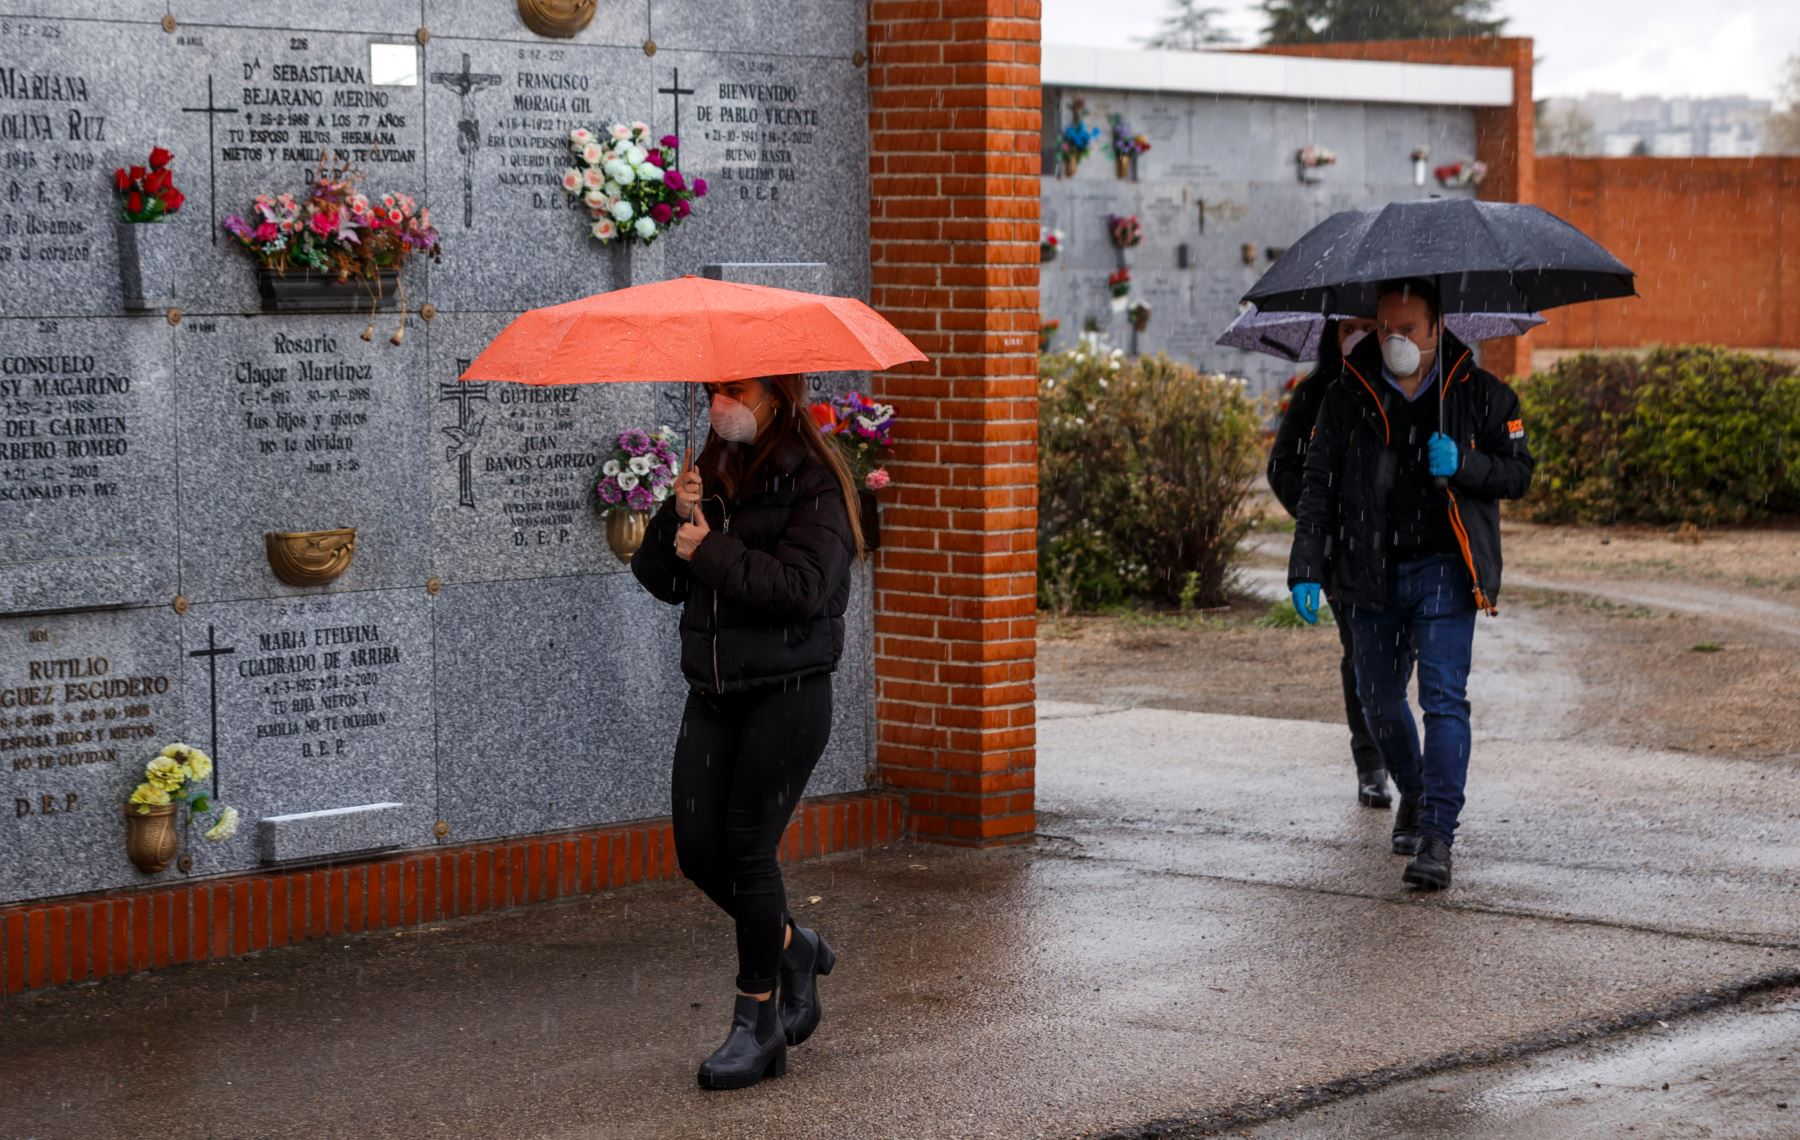 Personas con máscaras faciales llegan al cementerio municipal del sur de Madrid para asistir al entierro de un hombre que murió por el nuevo coronavirus. El número de muertos por coronavirus en España aumentó a 2.182 después de que 462 personas murieron en 24 horas, dijo el ministerio de salud. Foto: AFP